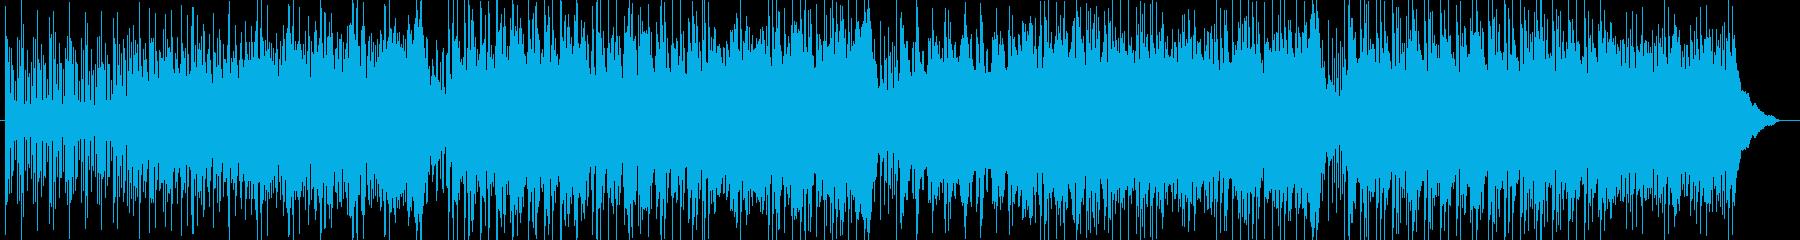 明るく疾走感のあるシンセギターサウンドの再生済みの波形